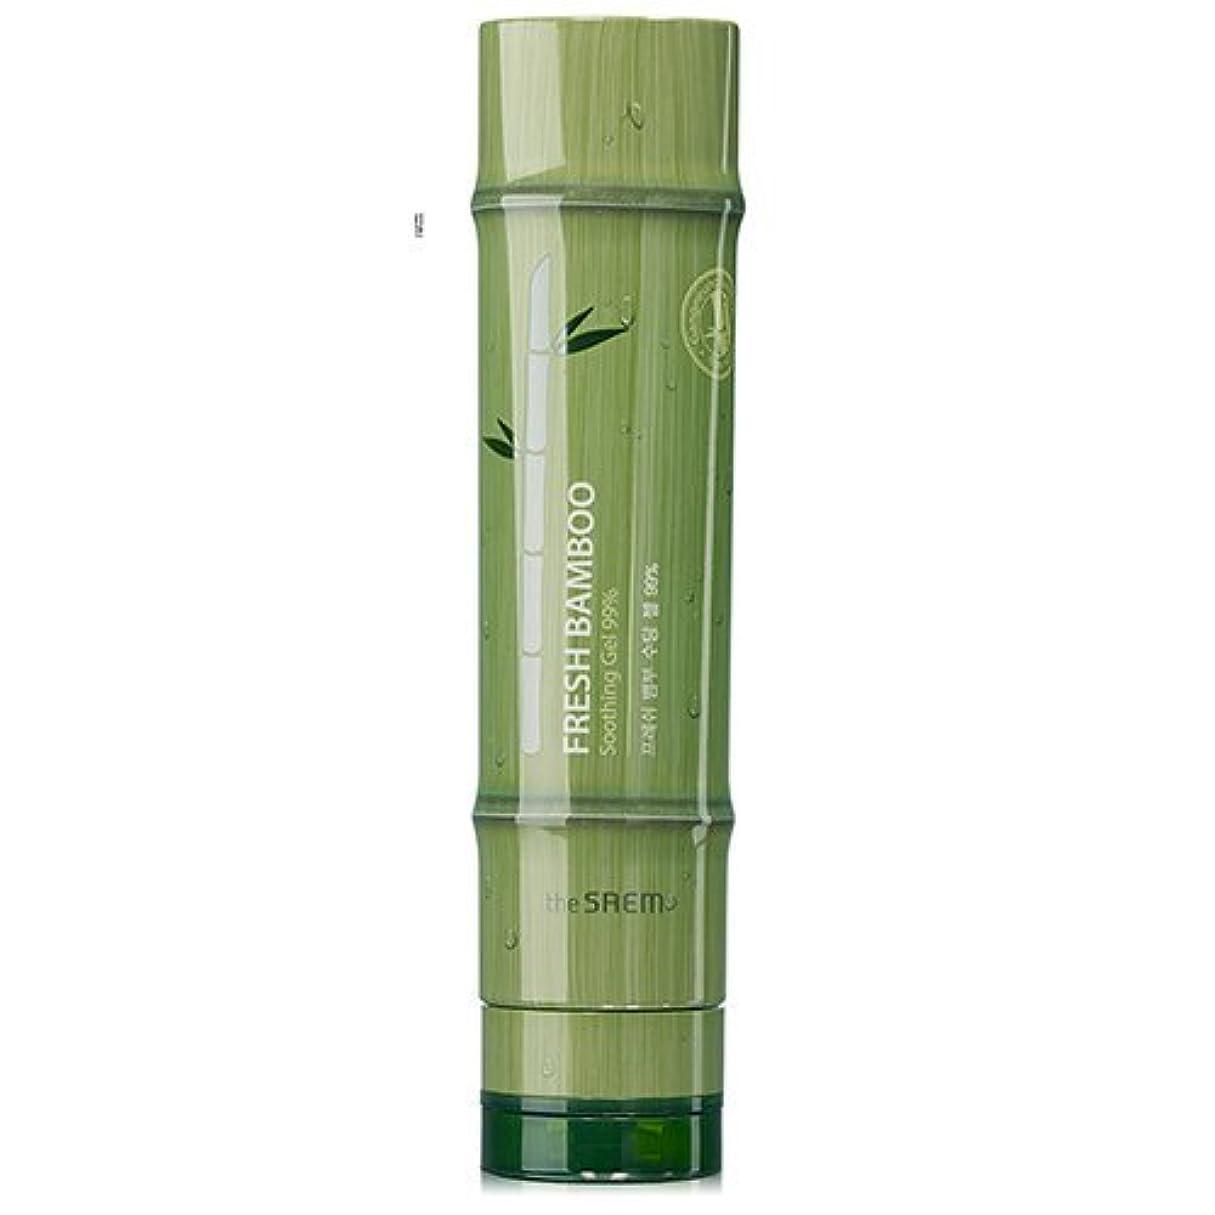 研究所メッセンジャー競合他社選手ドセム フレッシュバンブースージング ジェル 99% 260ml[無料発送]The Saem Fresh Bamboo Soothing Gel 99% 260ml [並行輸入品]